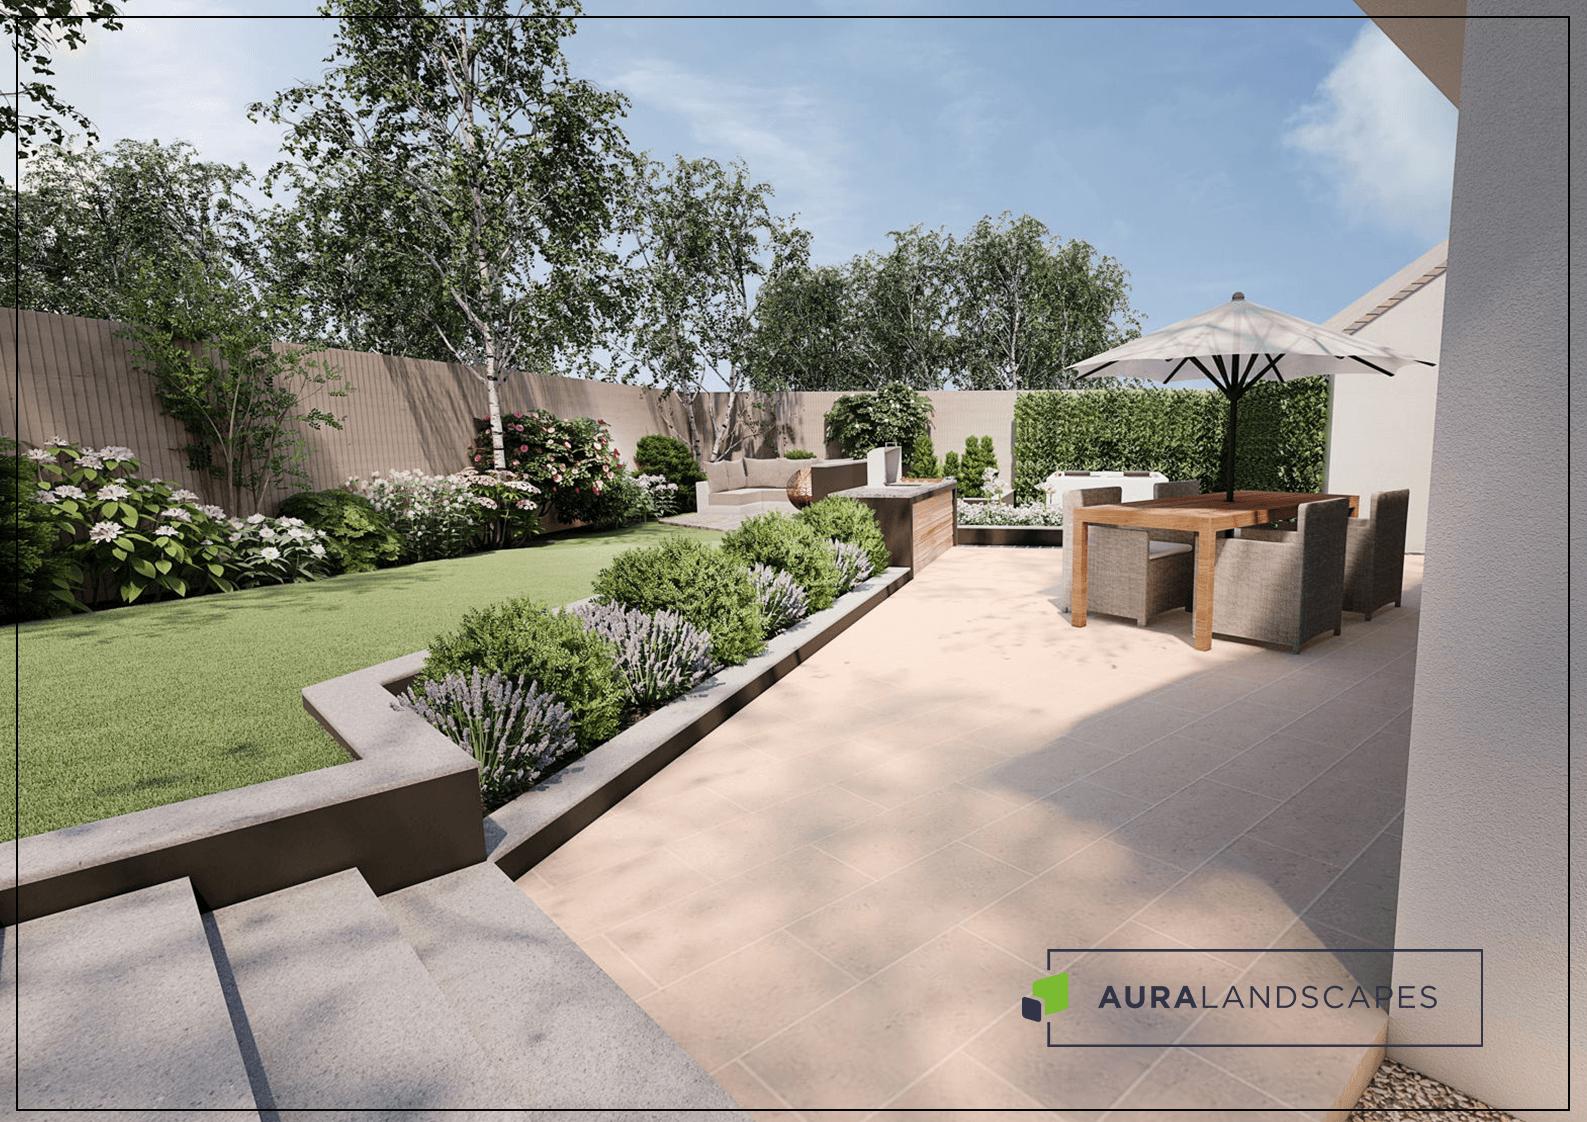 3d-garden-design